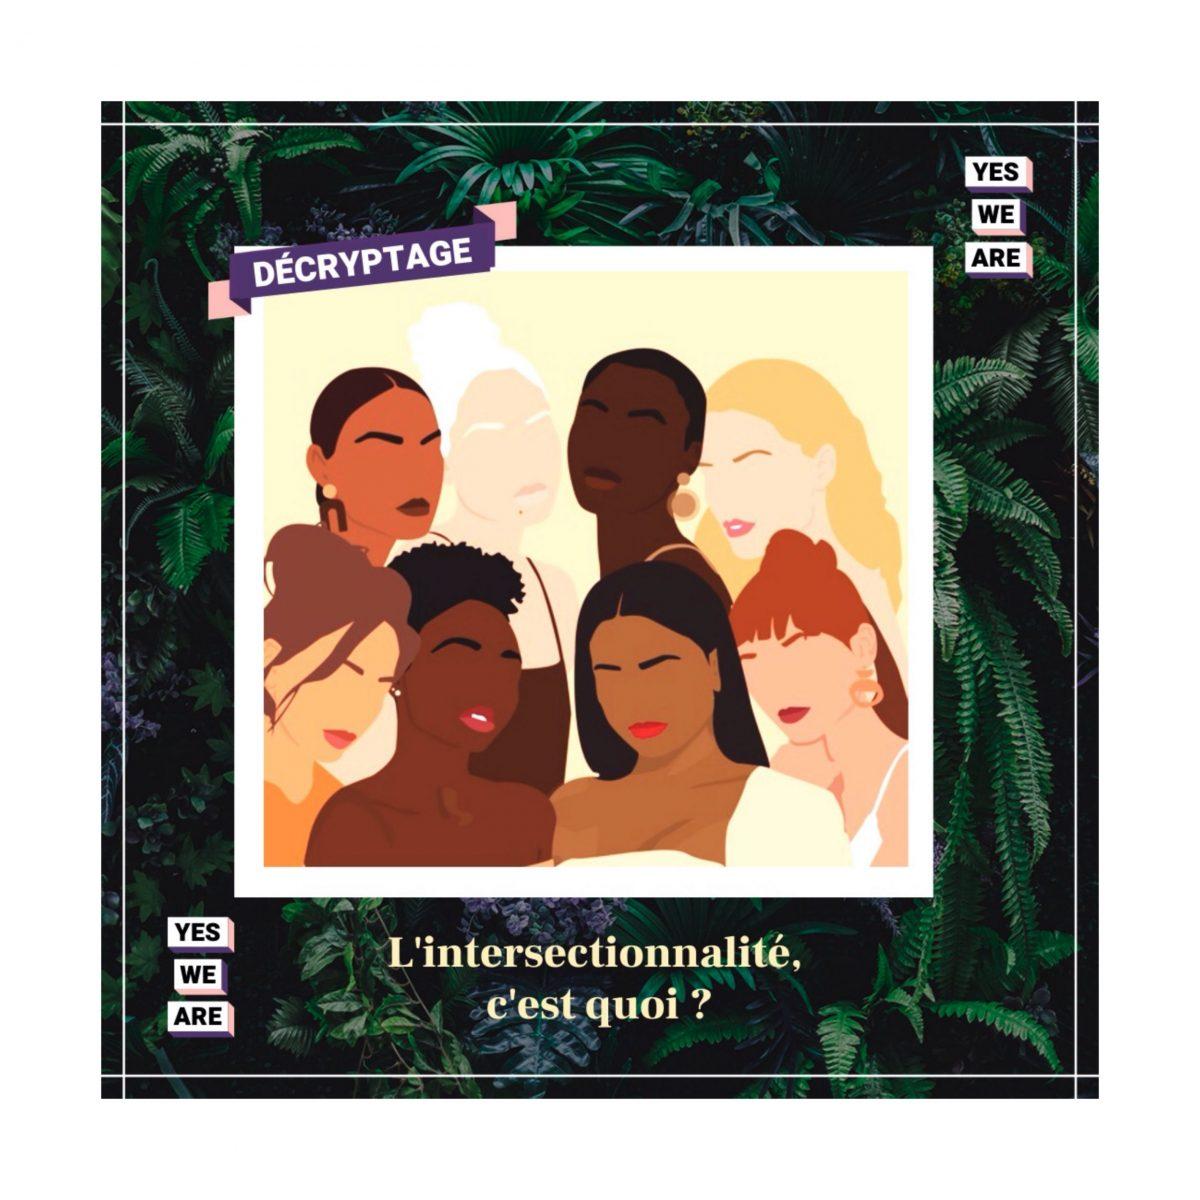 intersectionnalité définition